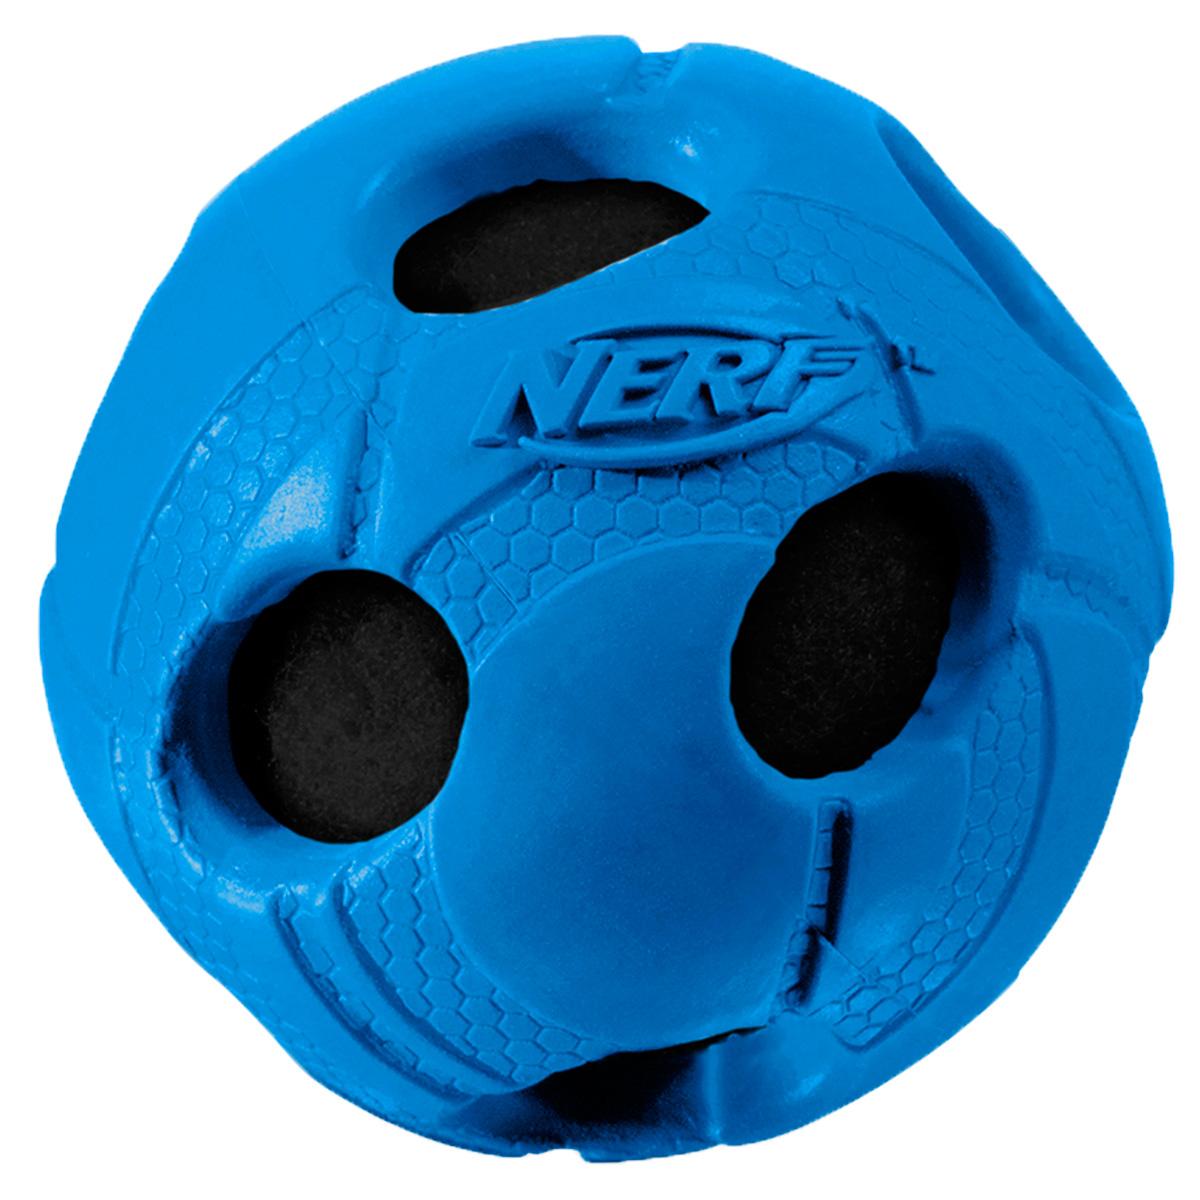 Игрушка для собак Nerf Мяч, с отверстиями, 7,5 см22286Мяч из прочной резины с теннисным мячем внутри! Высококачественные прочные материалы, из которых изготовлена игрушка, обеспечивают долговечность использования! Звук мяча дополнительно увлекает собаку игрой! Яркие привлекательные цвета! Рельефный рисунок! Игрушки Nerf Dog представлены в различных сериях в зависимости от рисунка, фактуры и материала, из которого они изготовлены (резина, ТПР, нейлон, пластик, каучук). Размер: 7,5 см, M.